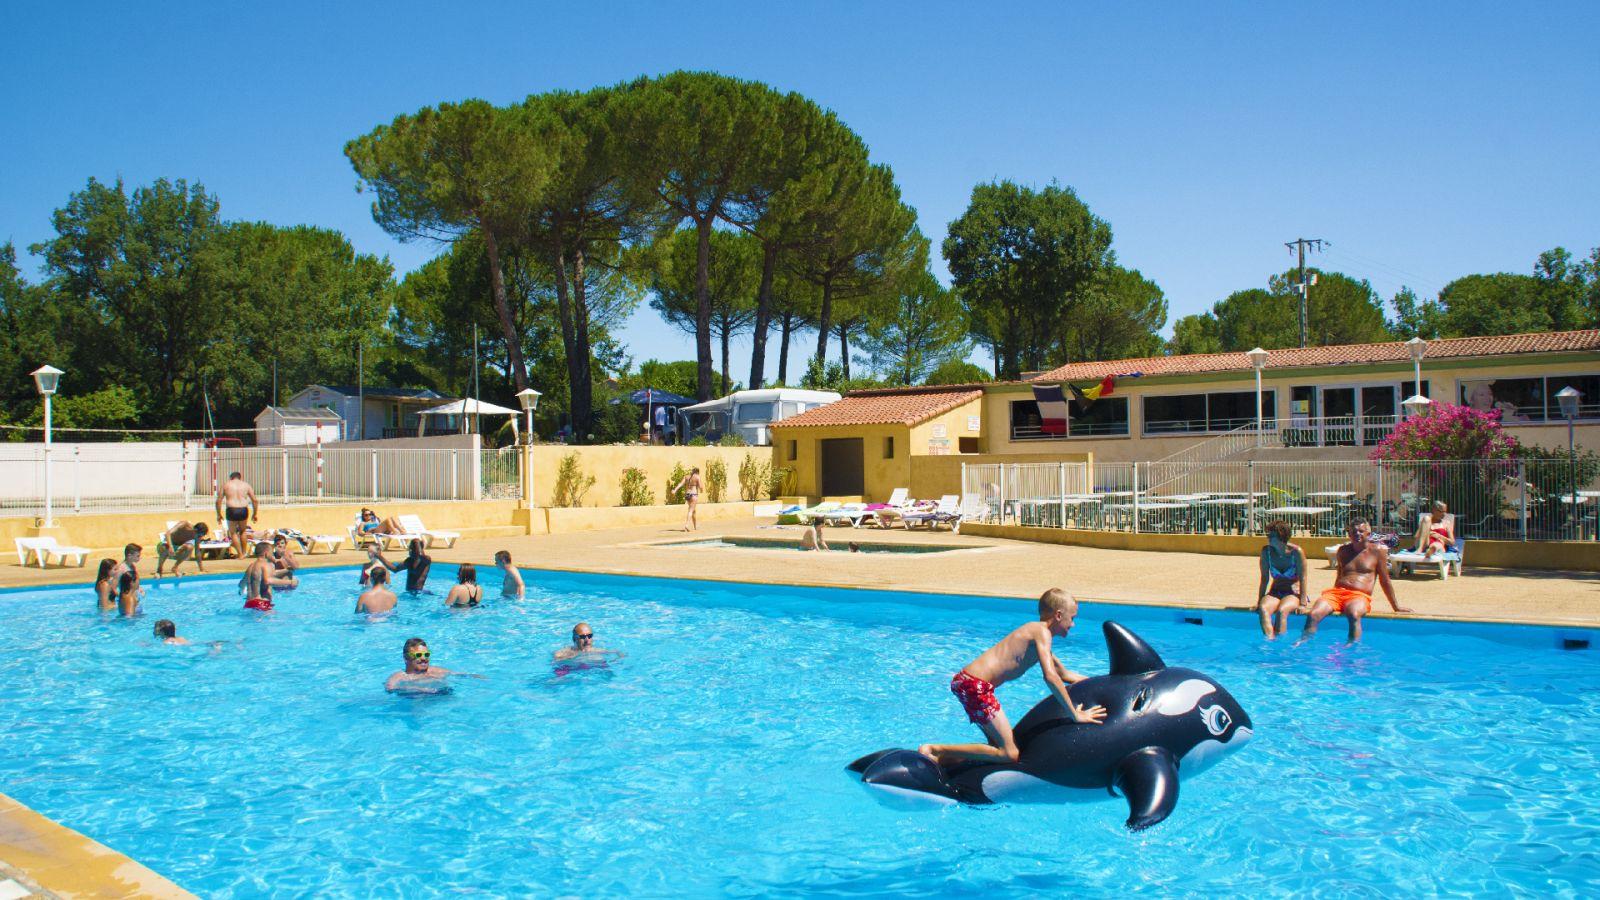 Camping 3 Étoiles En Provence Pour Vos Vacances Dans Le Sud intérieur Camping Marseille Avec Piscine